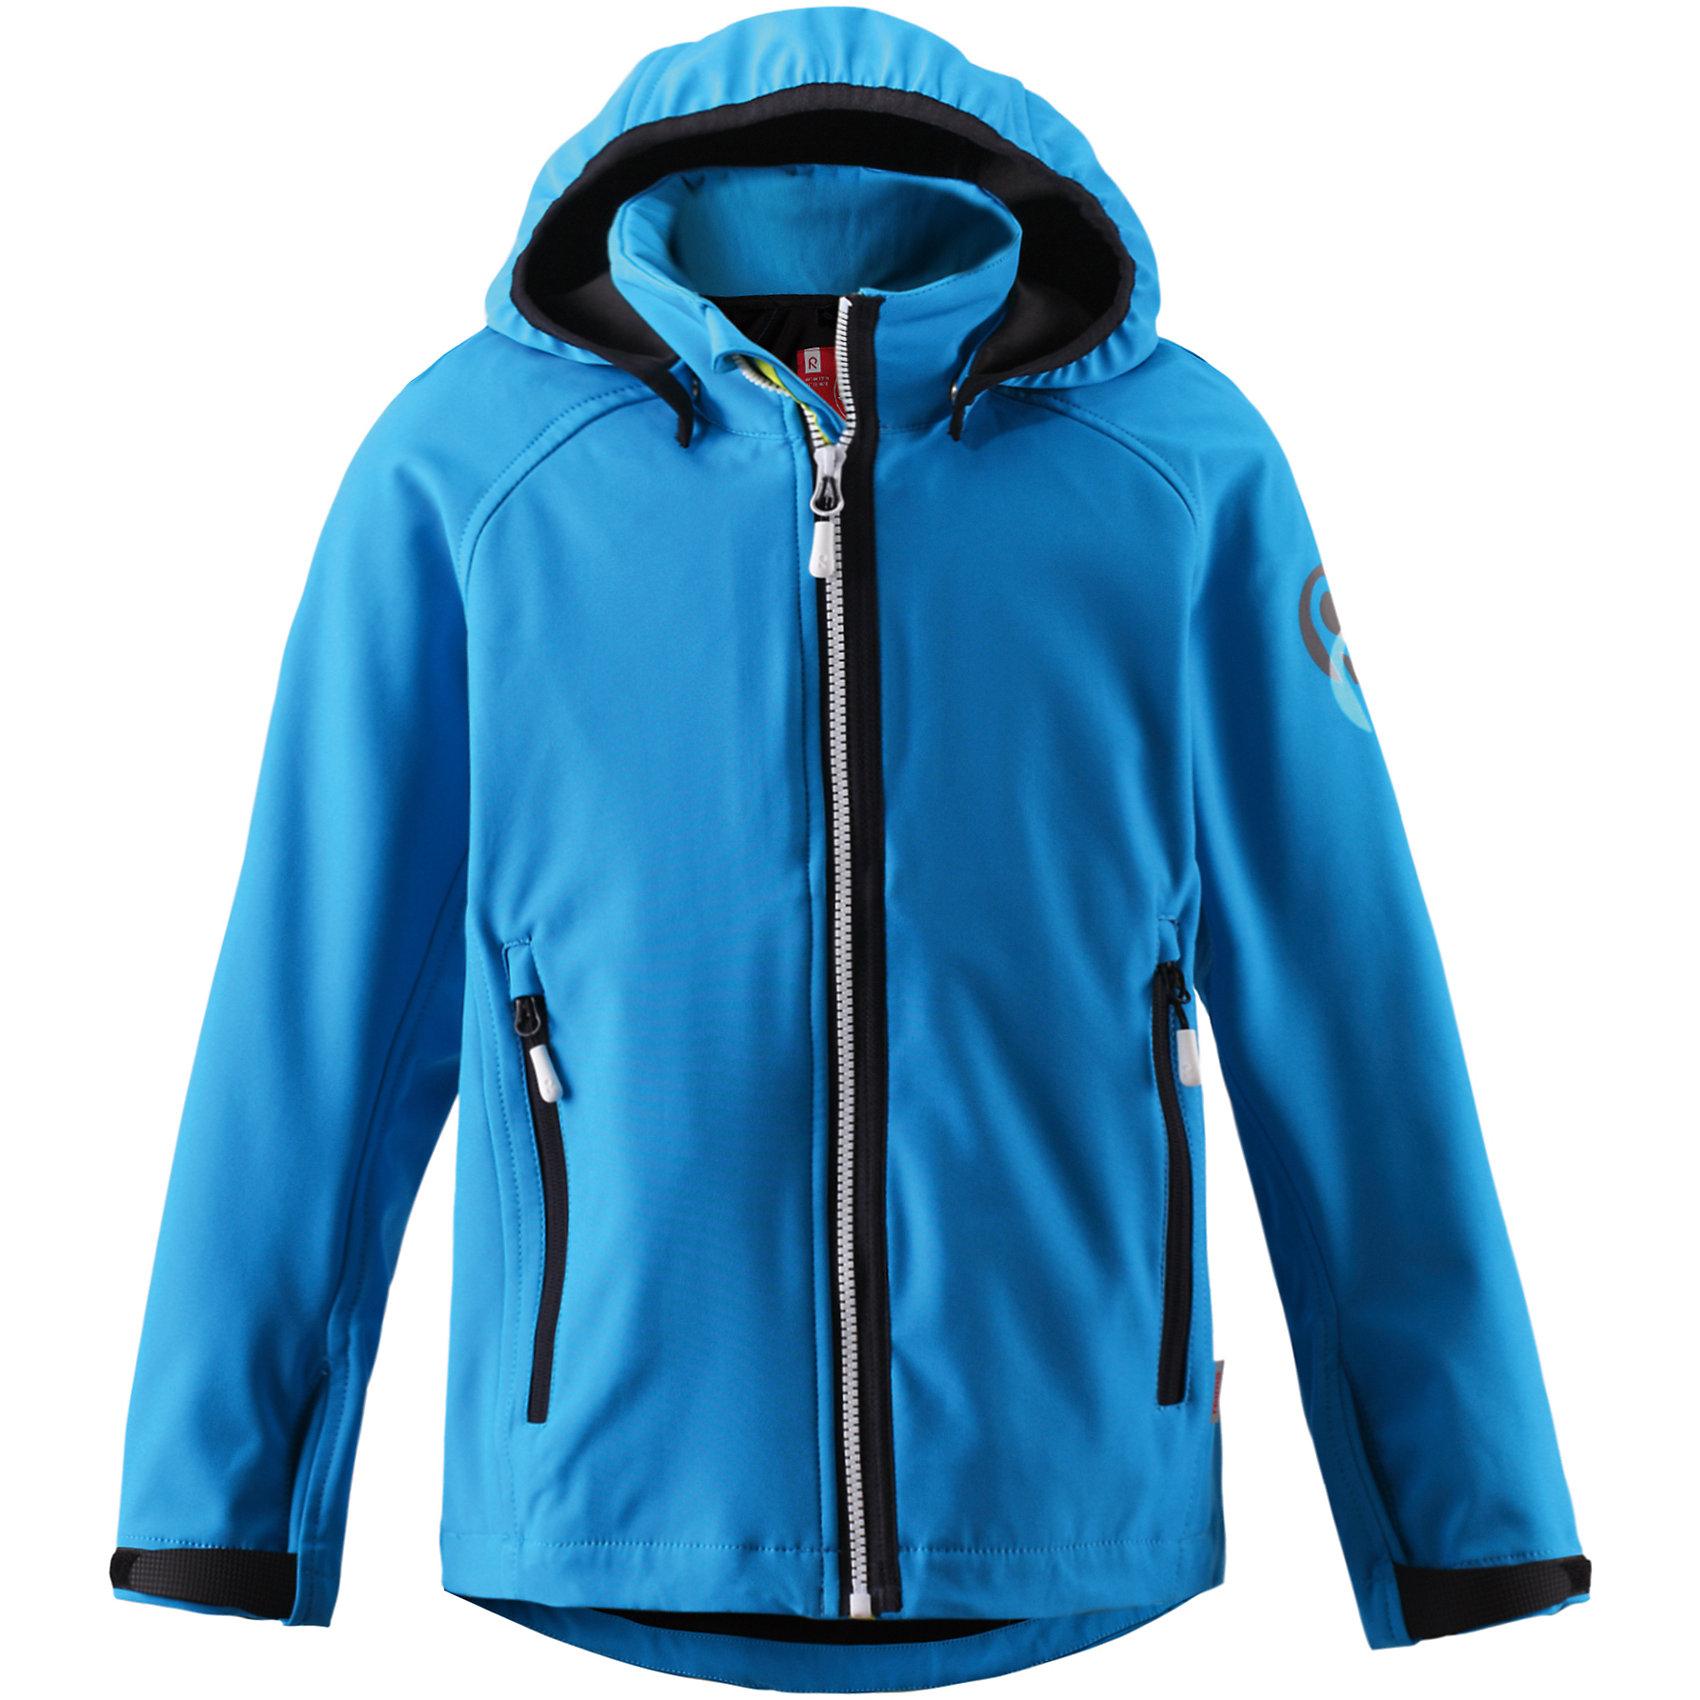 Куртка для мальчика Soft shell ReimaКуртка Reima (Рейма), голубой от известного финского производителя  детской одежды Reima. Демисезонная куртка для мальчика выполнена из материала Soft shell, который обеспечивает высокие ветрозащитные,  водооталкивающие и  грязеотталкивающие и свойства, при этом сохраняется хорошая воздухопроницаемость. Изделие устойчиво к изменению формы и цвета даже при длительном использовании. Куртка имеет классическую форму: прямой силуэт с эластичной окантовкой по низу изделия и на рукавах, воротник-стойка, застежка-молния с защитой у подбородка, 2 боковых прорезных кармана на молнии. <br><br>Дополнительная информация:<br><br>- Предназначение: повседневная одежда для прогулок и активного отдыха<br>- Цвет: голубой<br>- Пол: для мальчика<br>- Состав: 96% полиэстер, 4% эластан, полиуретановое покрытие<br>- Сезон: весна-осень (демисезонная)<br>- Особенности ухода: стирать изделие, предварительно вывернув его на левую сторону, не использовать отбеливающие вещества<br><br>Подробнее:<br><br>• Для детей в возрасте: от 6 лет и до 7 лет<br>• Страна производитель: Китай<br>• Торговый бренд: Reima, Финляндия<br><br>Куртку Reima (Рейма), голубой можно купить в нашем интернет-магазине.<br><br>Ширина мм: 356<br>Глубина мм: 10<br>Высота мм: 245<br>Вес г: 519<br>Цвет: голубой<br>Возраст от месяцев: 84<br>Возраст до месяцев: 96<br>Пол: Мужской<br>Возраст: Детский<br>Размер: 128,152,134,146,140<br>SKU: 4653130